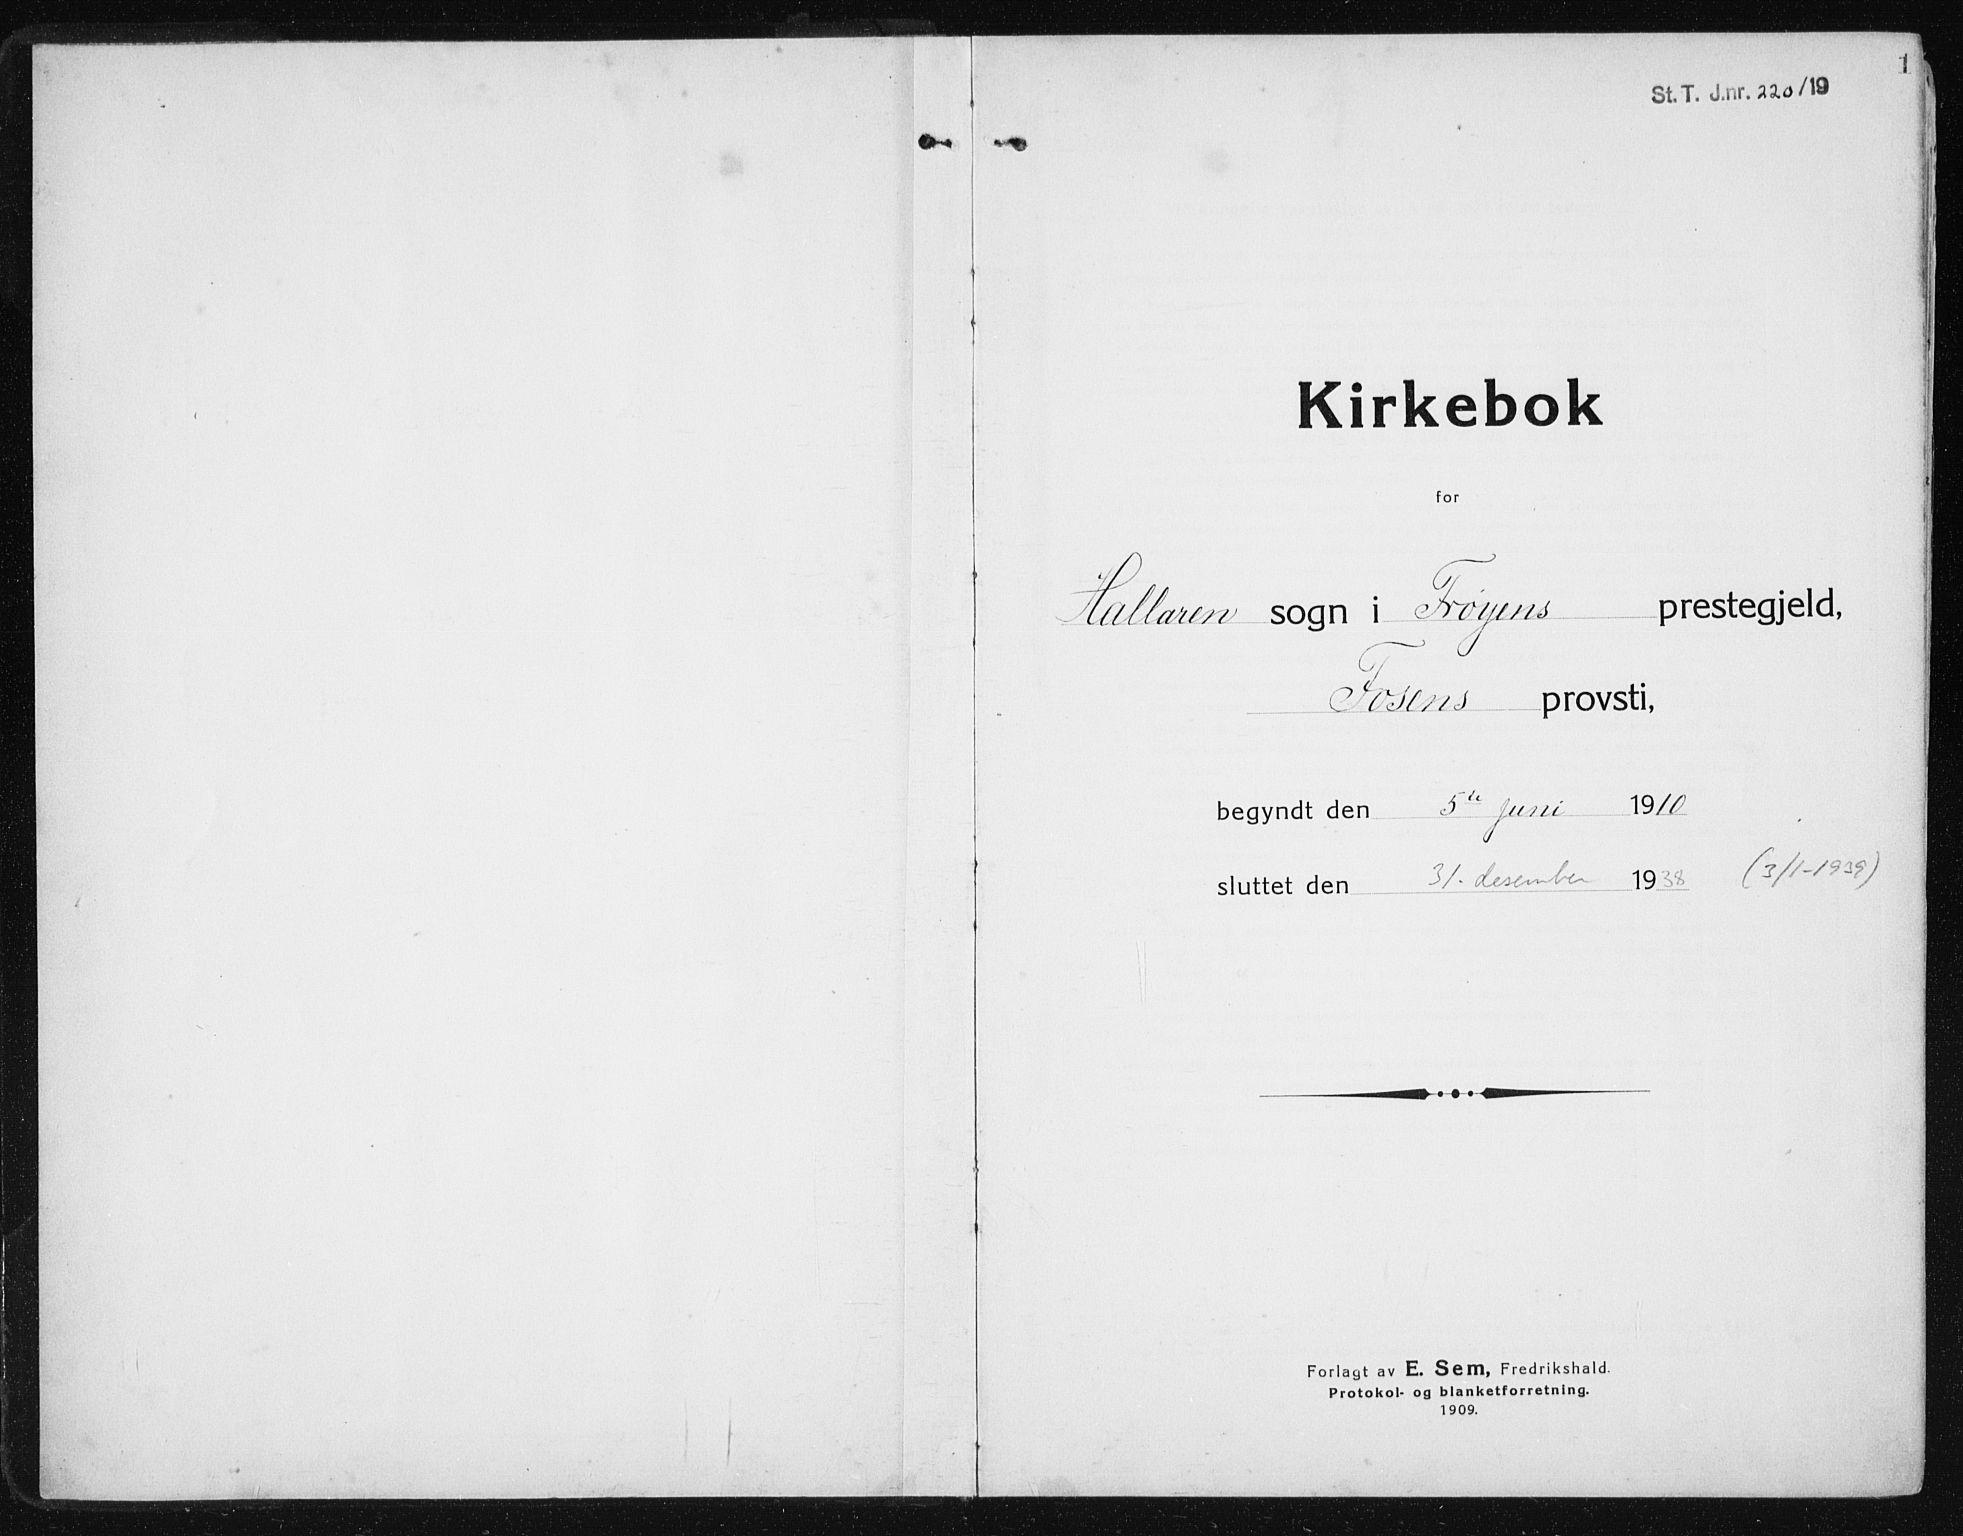 SAT, Ministerialprotokoller, klokkerbøker og fødselsregistre - Sør-Trøndelag, 641/L0599: Klokkerbok nr. 641C03, 1910-1938, s. 1